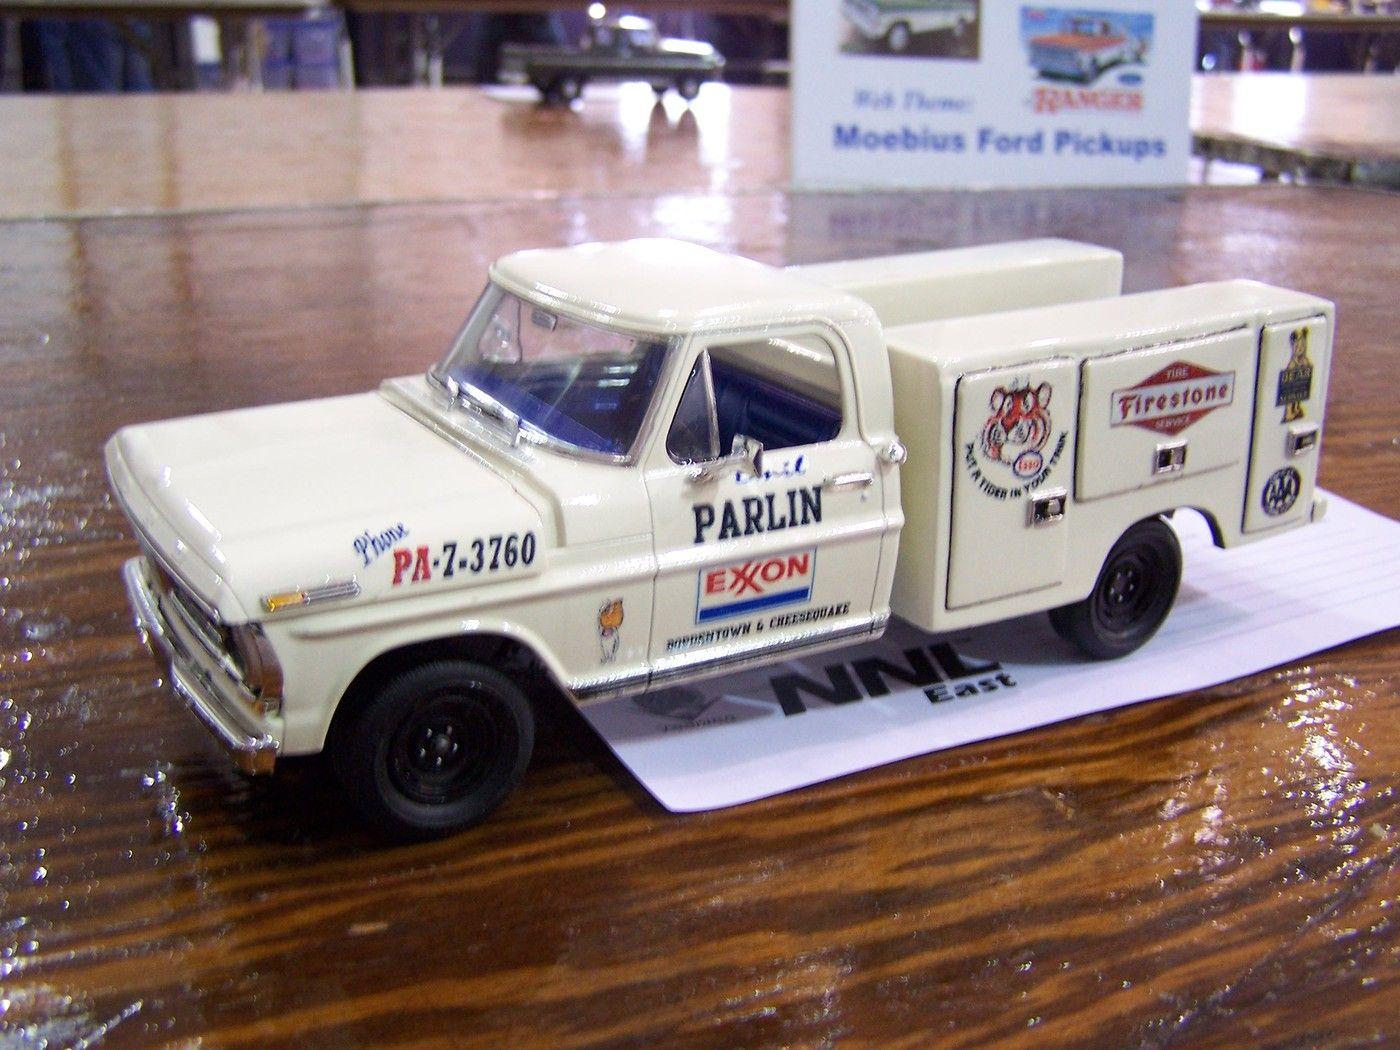 70 71 ford service truck pickup trucks pinterest ford model car and models. Black Bedroom Furniture Sets. Home Design Ideas